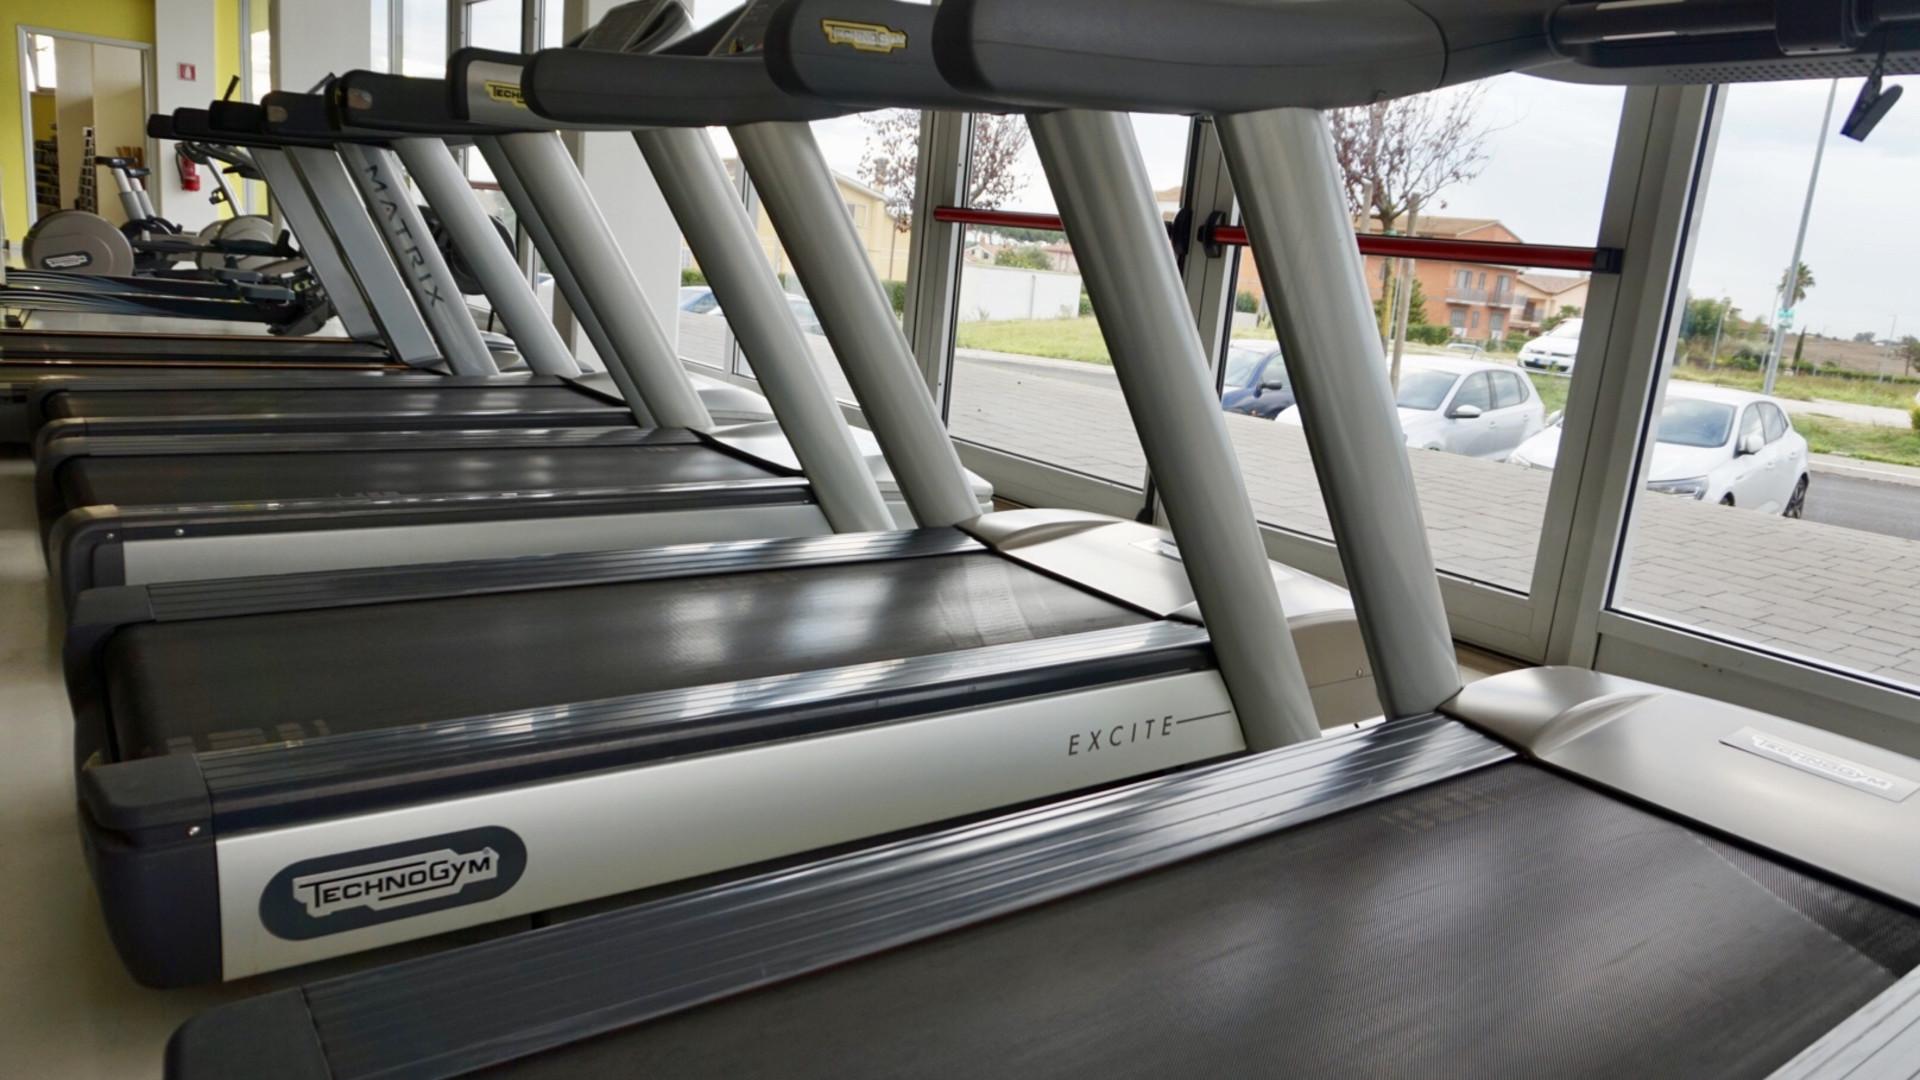 One Gym orari